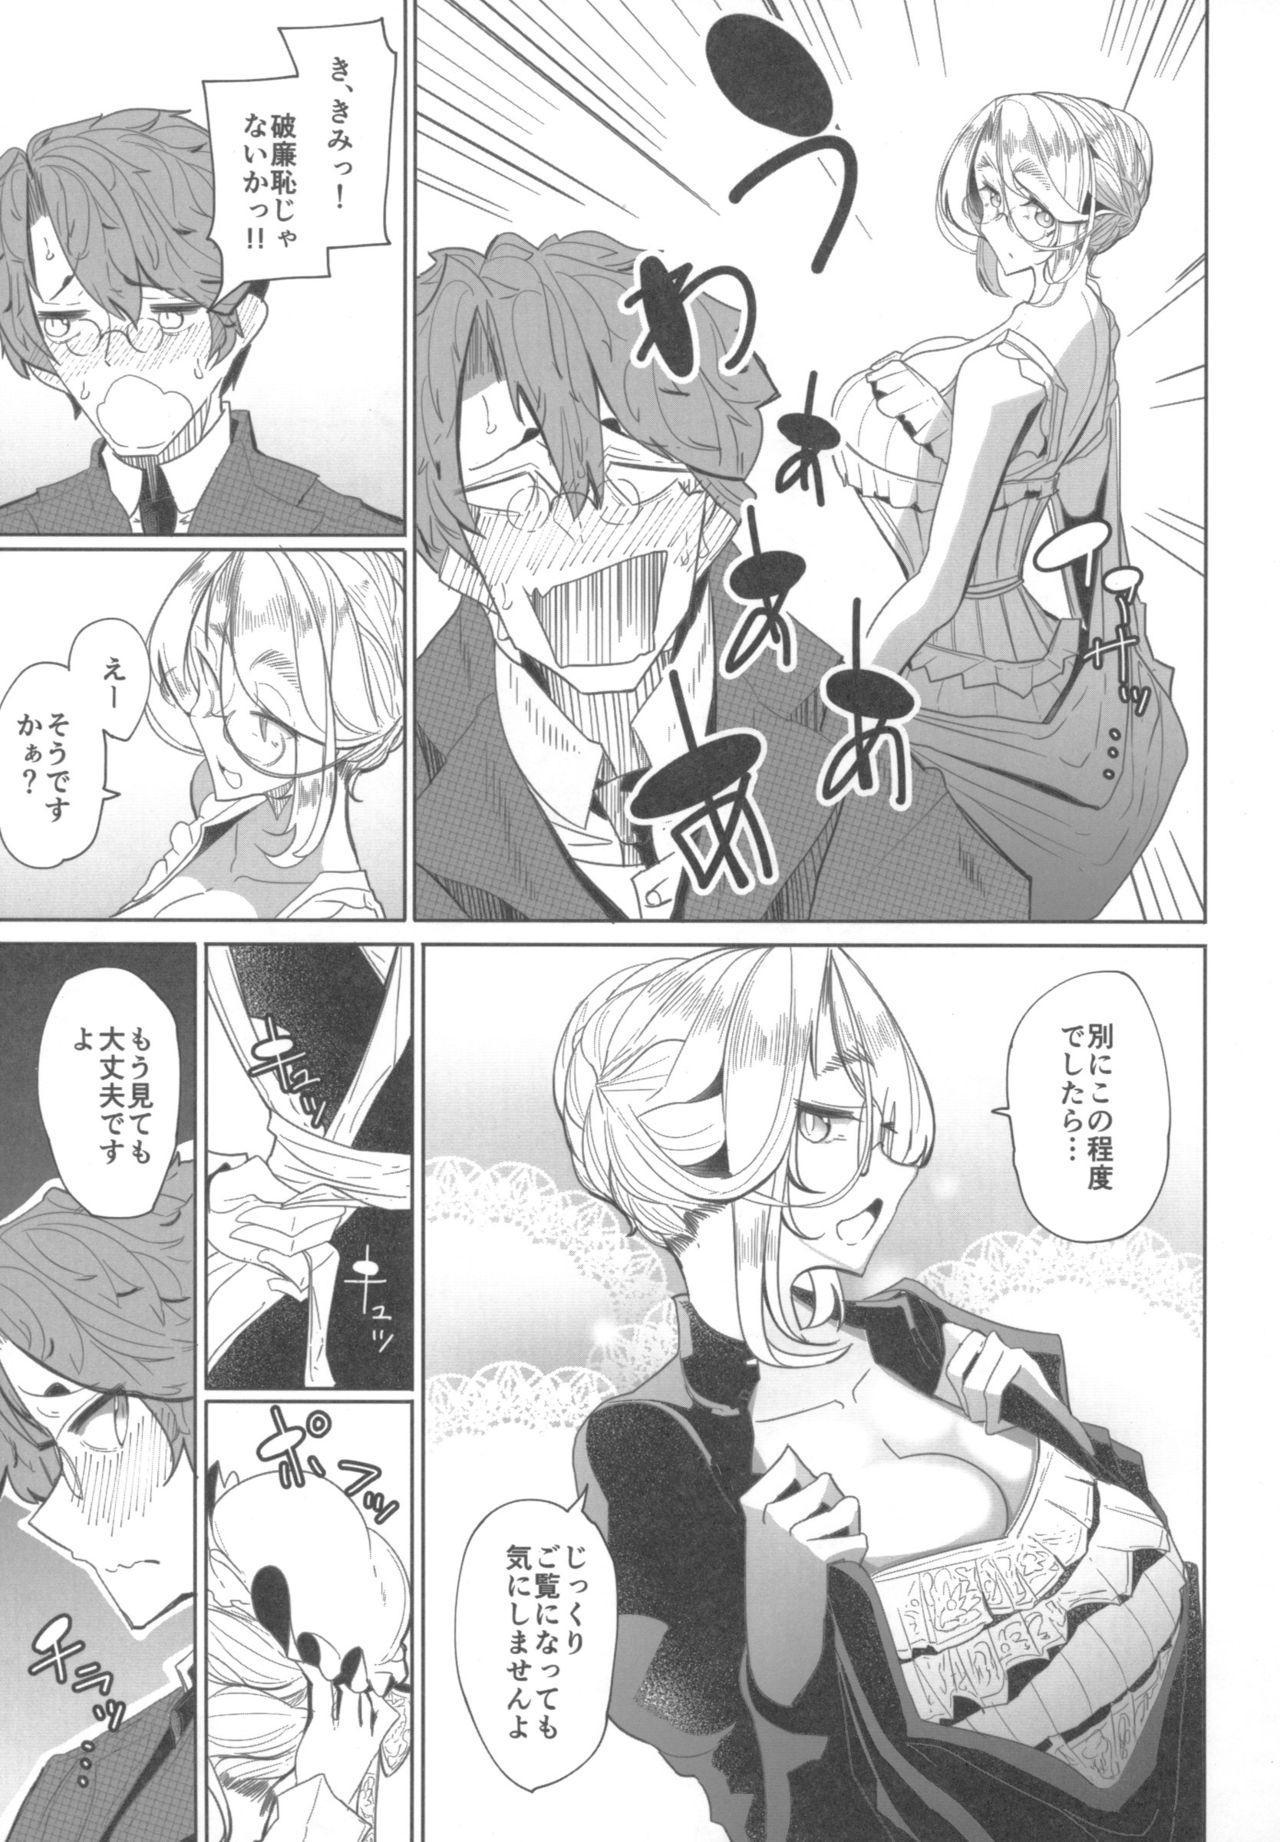 Shinshi Tsuki Maid no Sophie-san 1 11